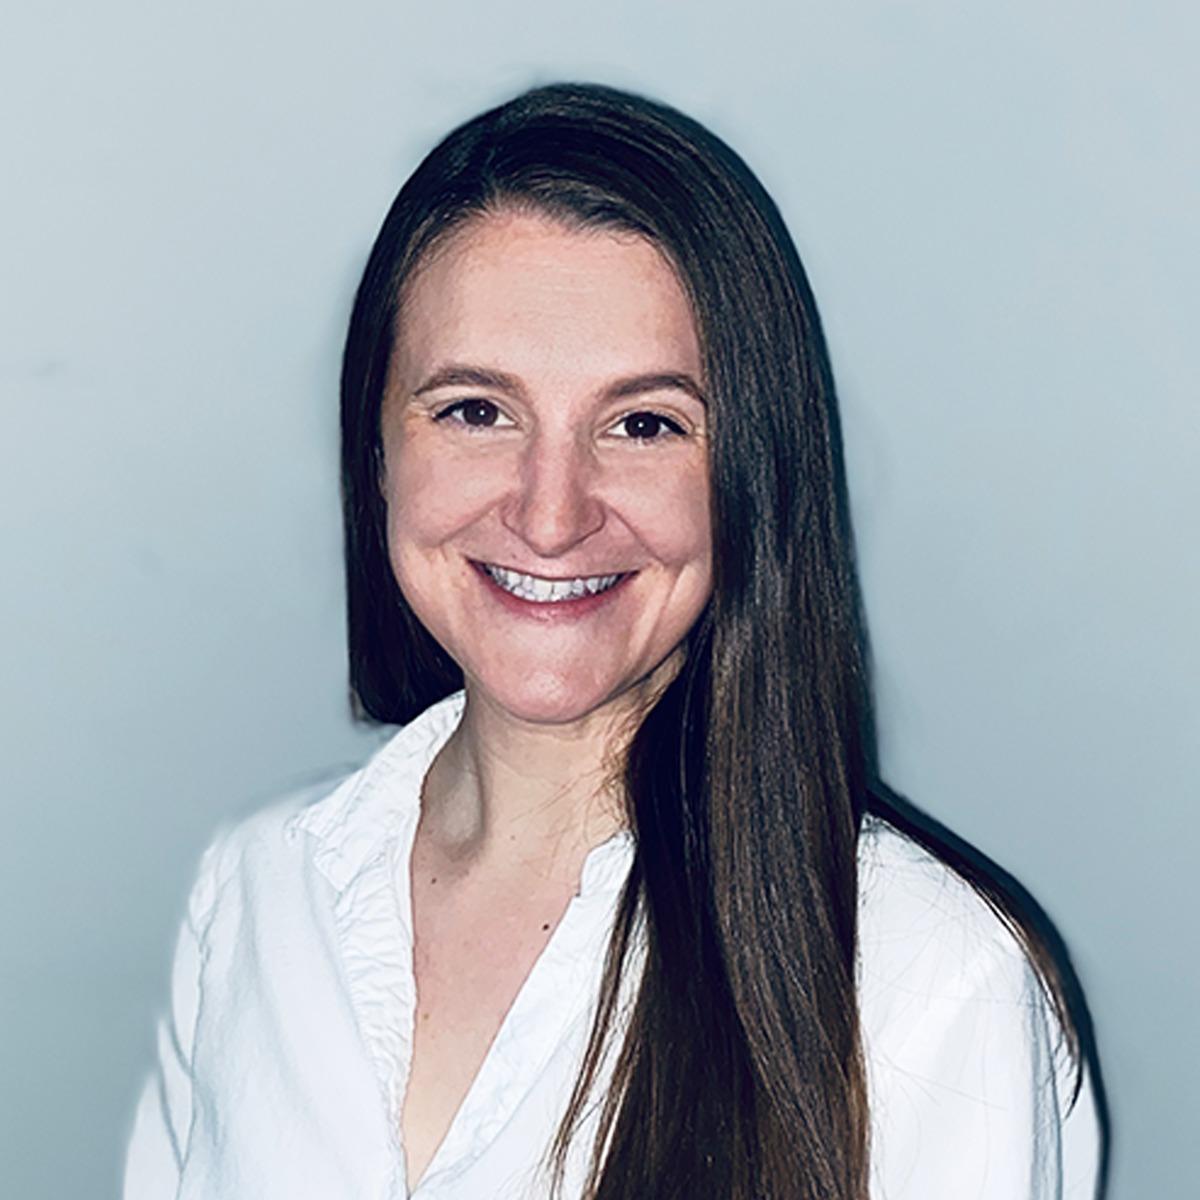 Katie Gorman